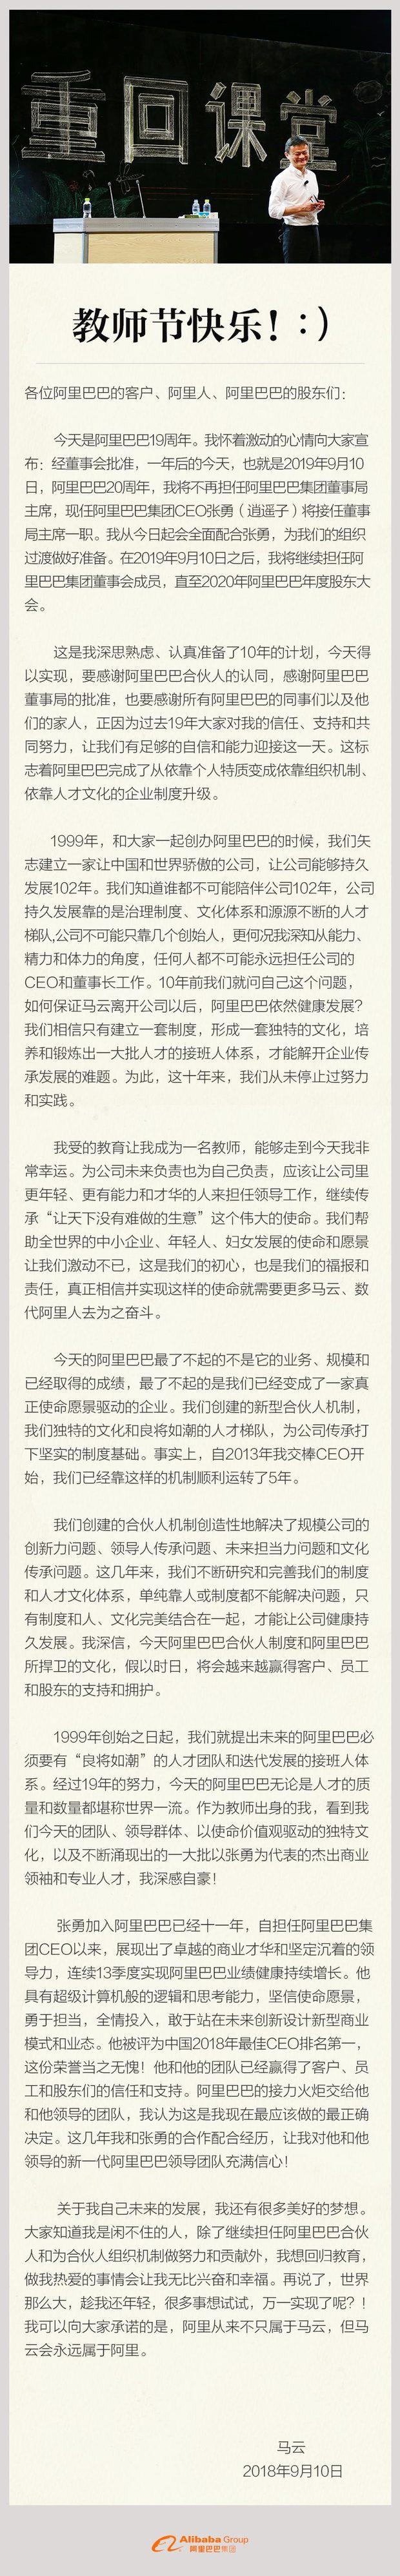 马云将不再担任阿里董事局主席:准备了10年的计划